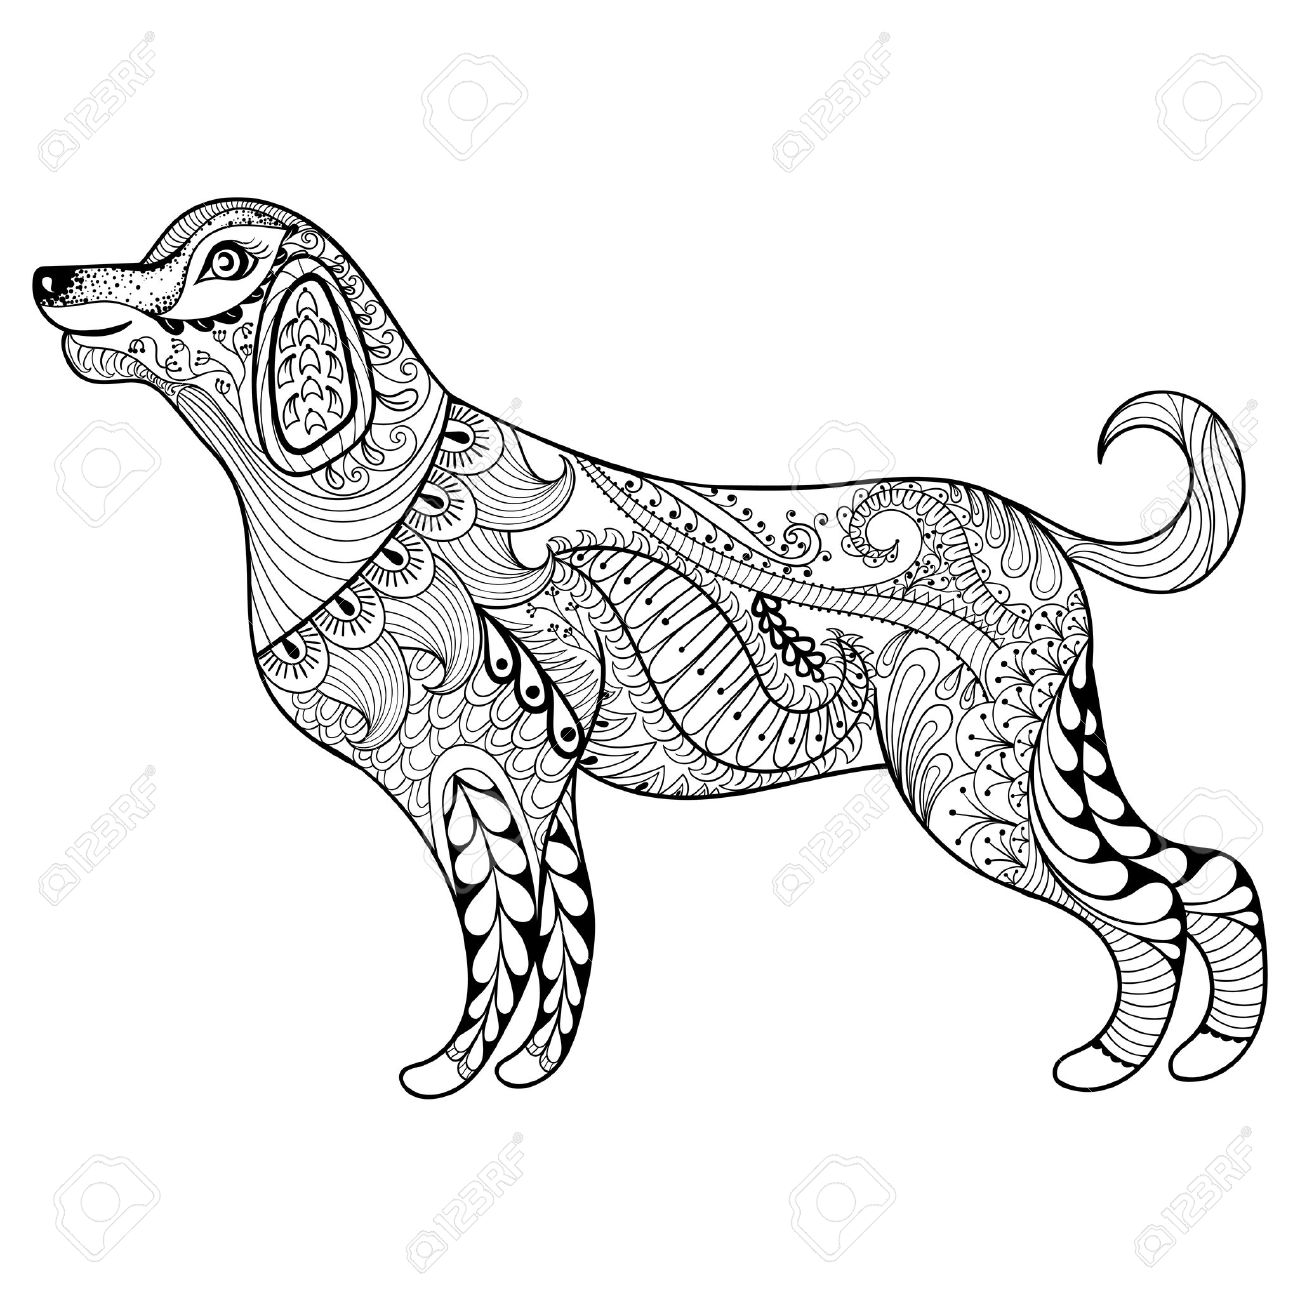 Kleurplaten Honden Voor Volwassenen.Beste Van Kleurplaten Voor Volwassenen Honden Krijg Duizenden